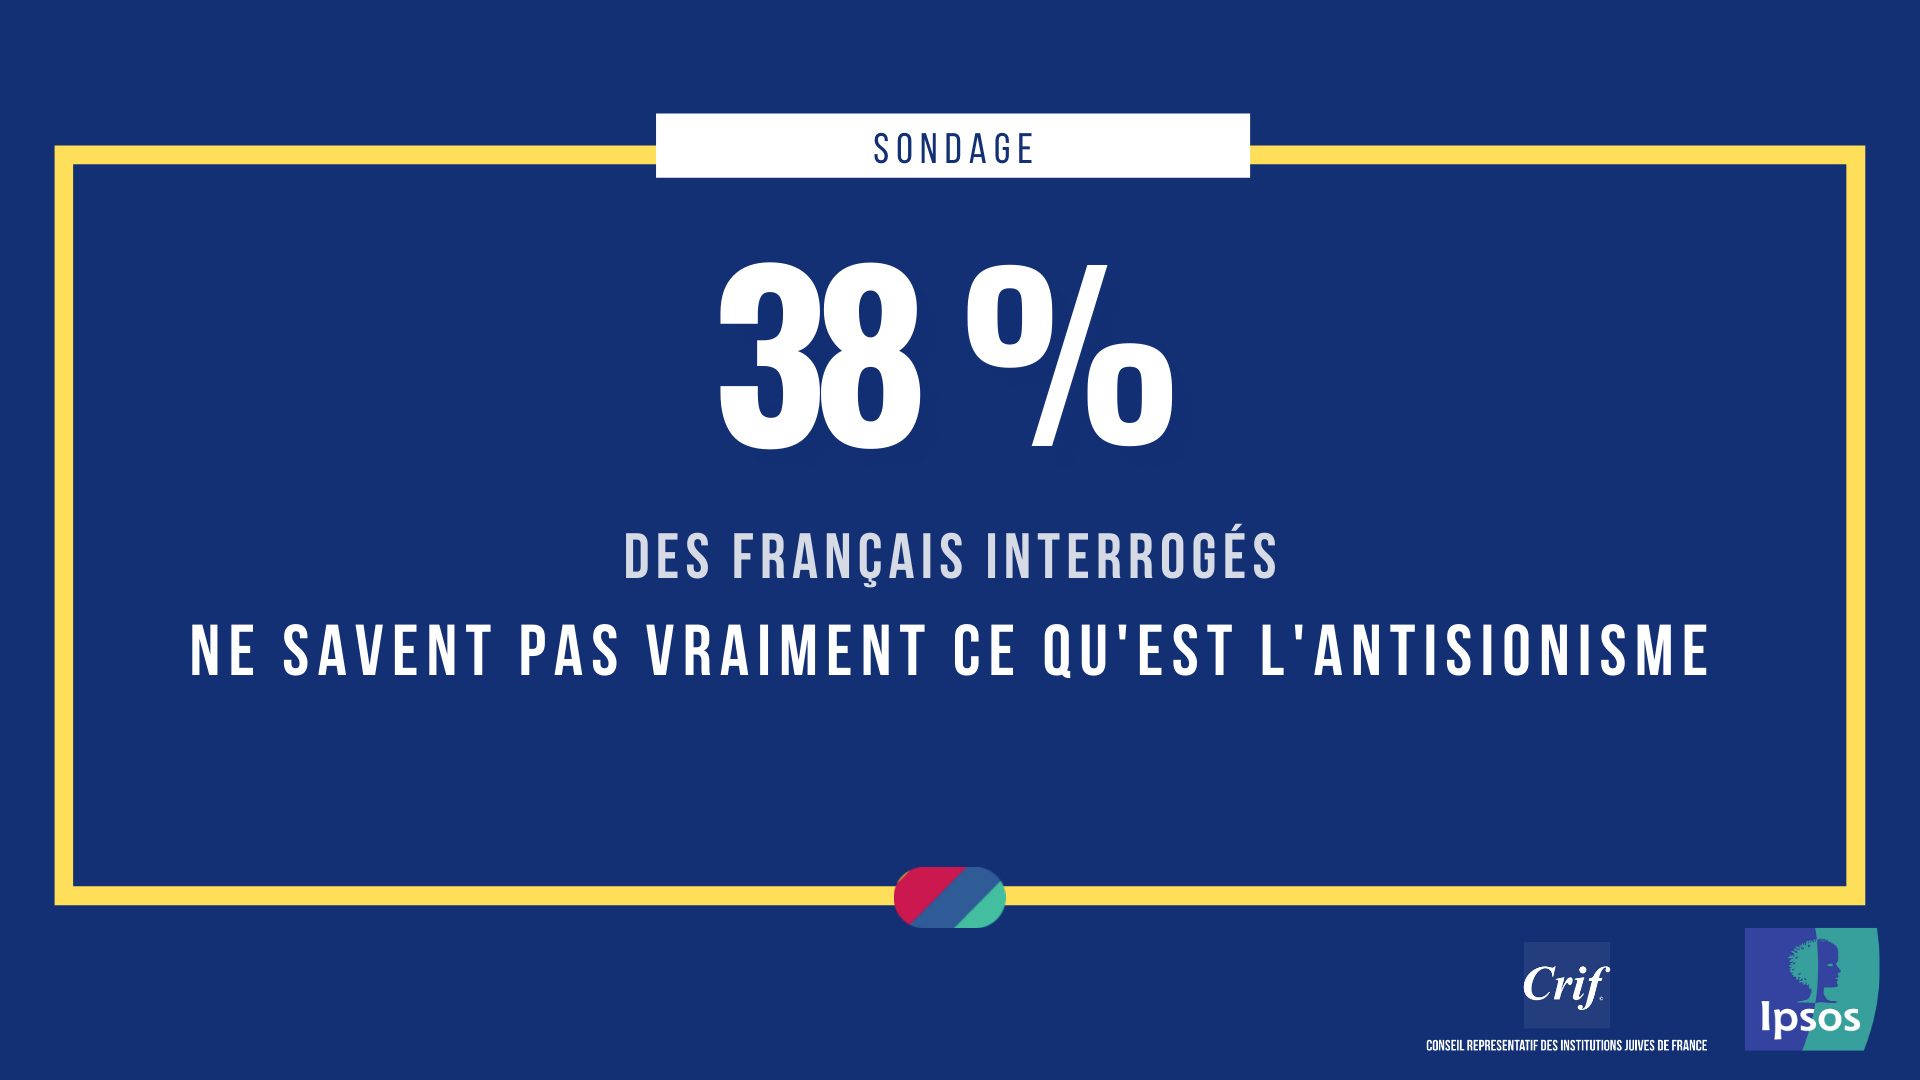 38% des français ne savent pas vraiment ce qu'est l'antisionisme